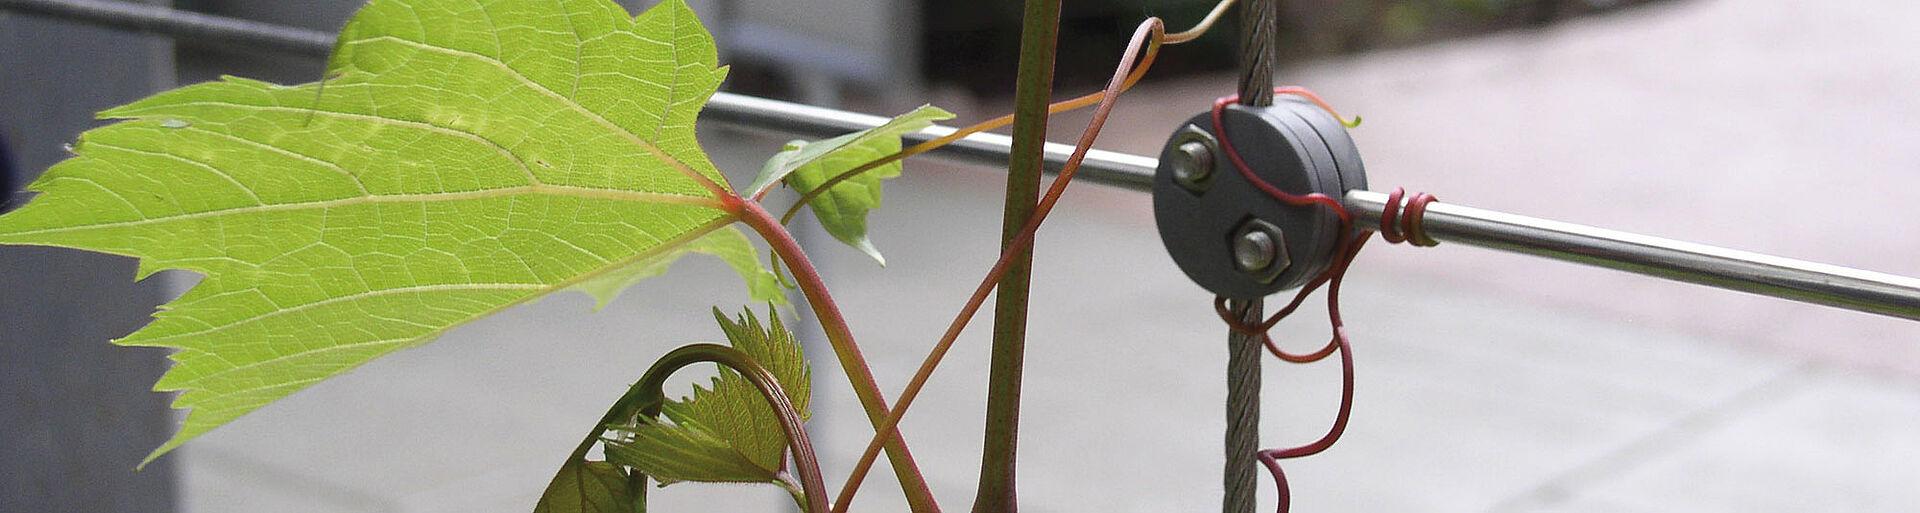 Rank und Kletterhilfe Edelstahl-Seilsysteme